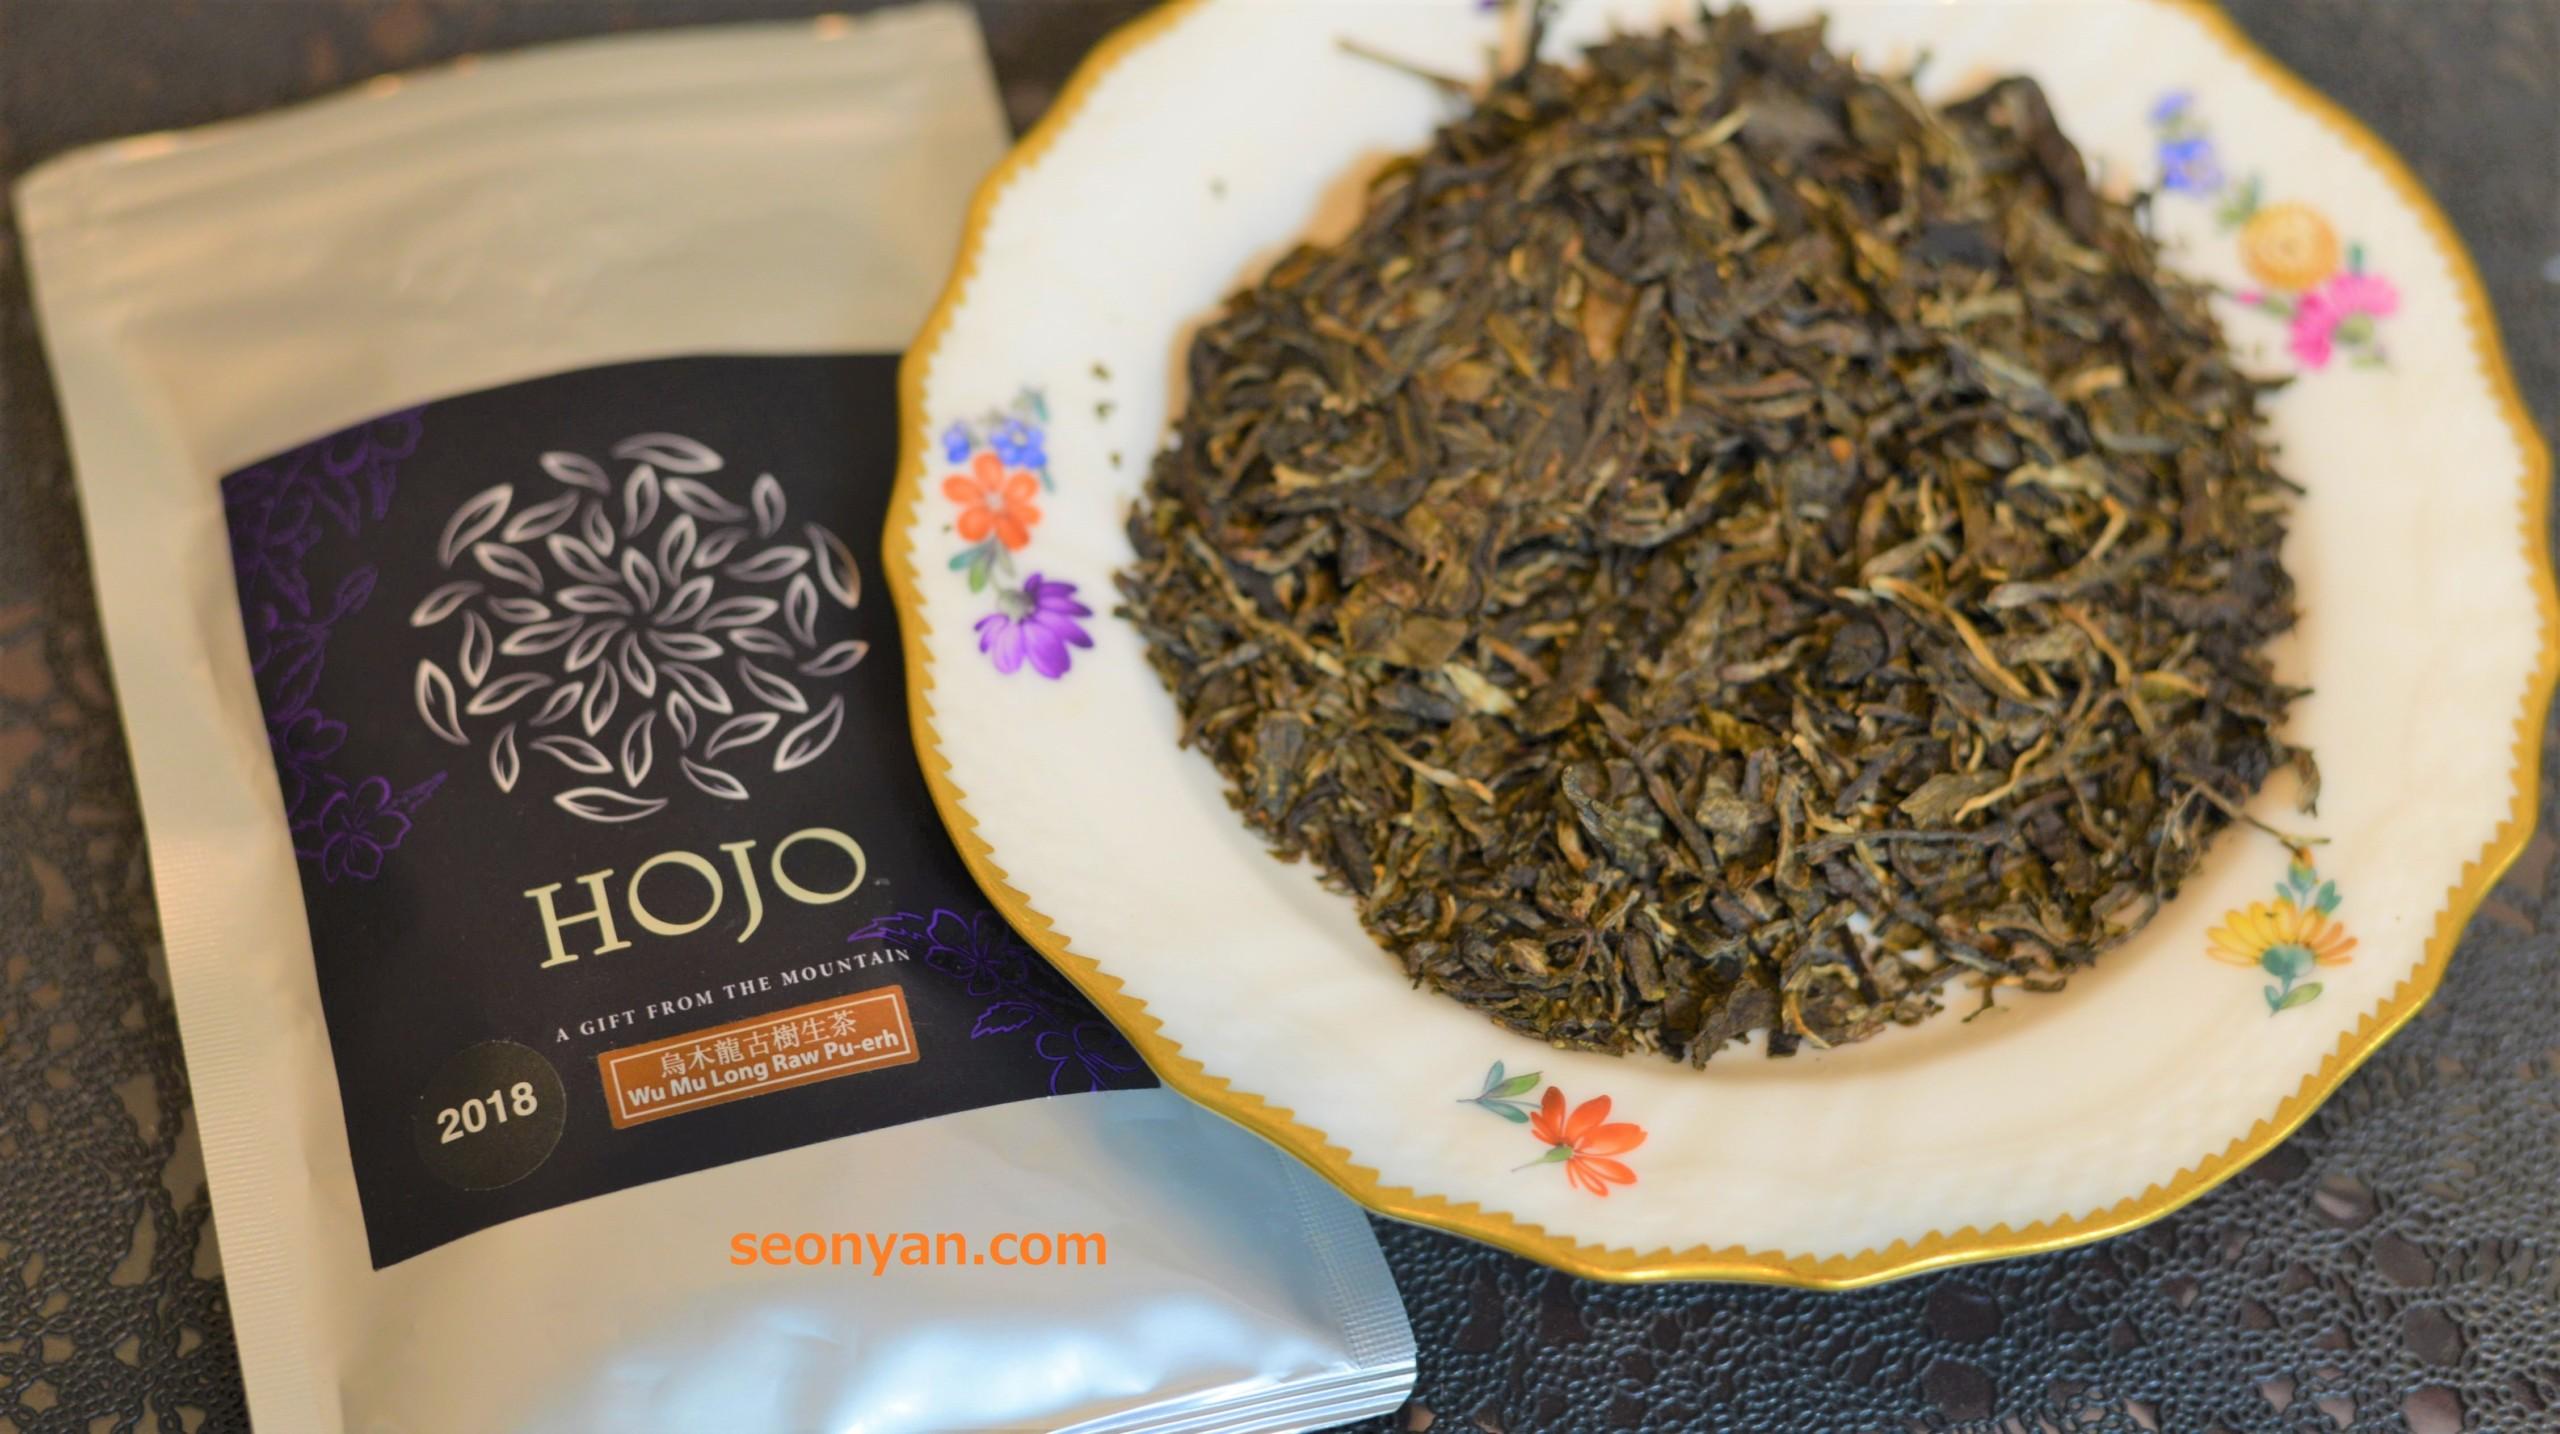 烏木龍古樹生茶2018年の袋と茶葉